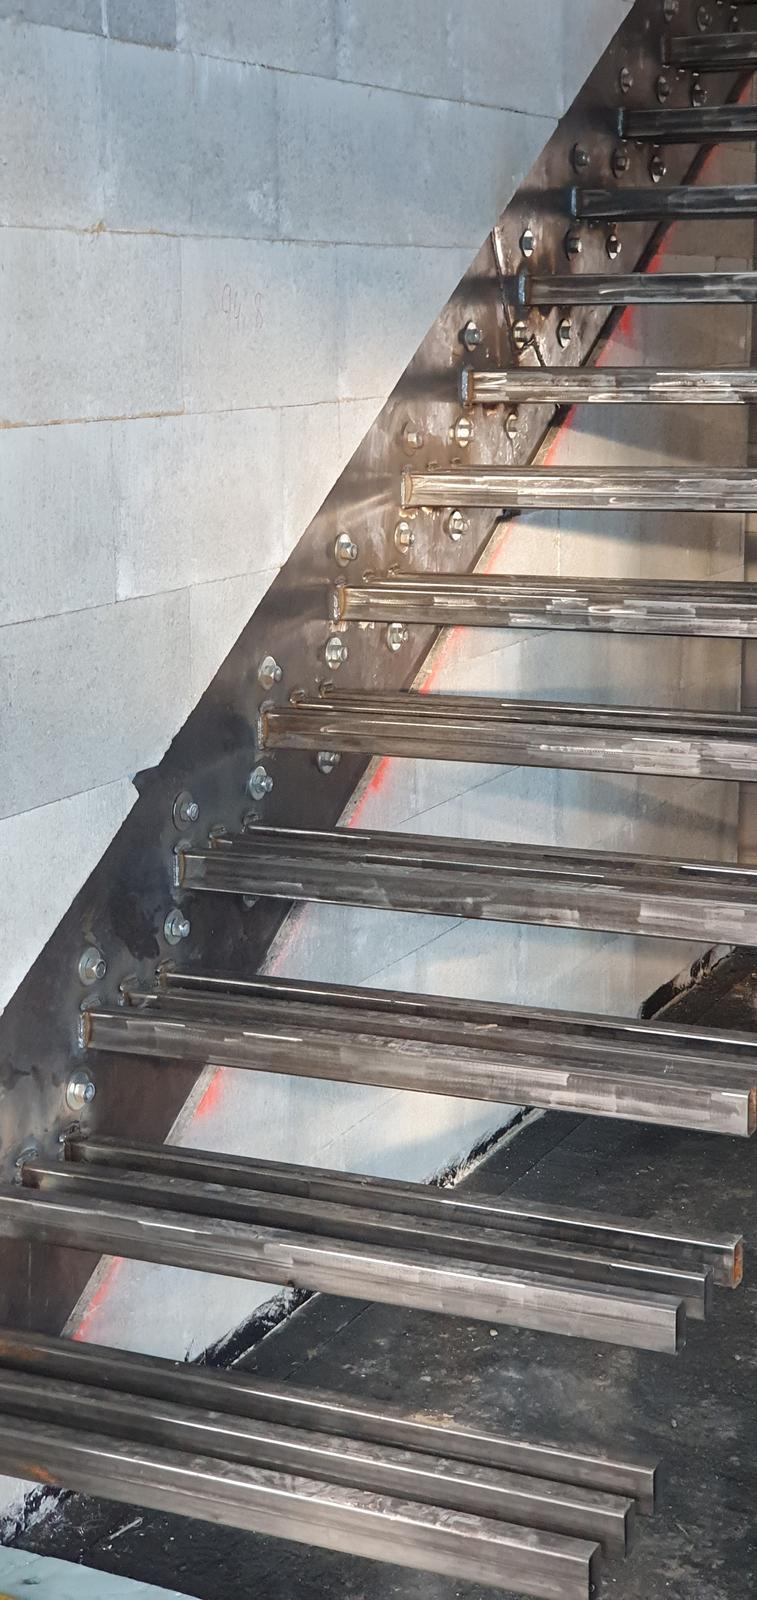 Konzolove schodisko (samonosne schody) - Obrázok č. 19